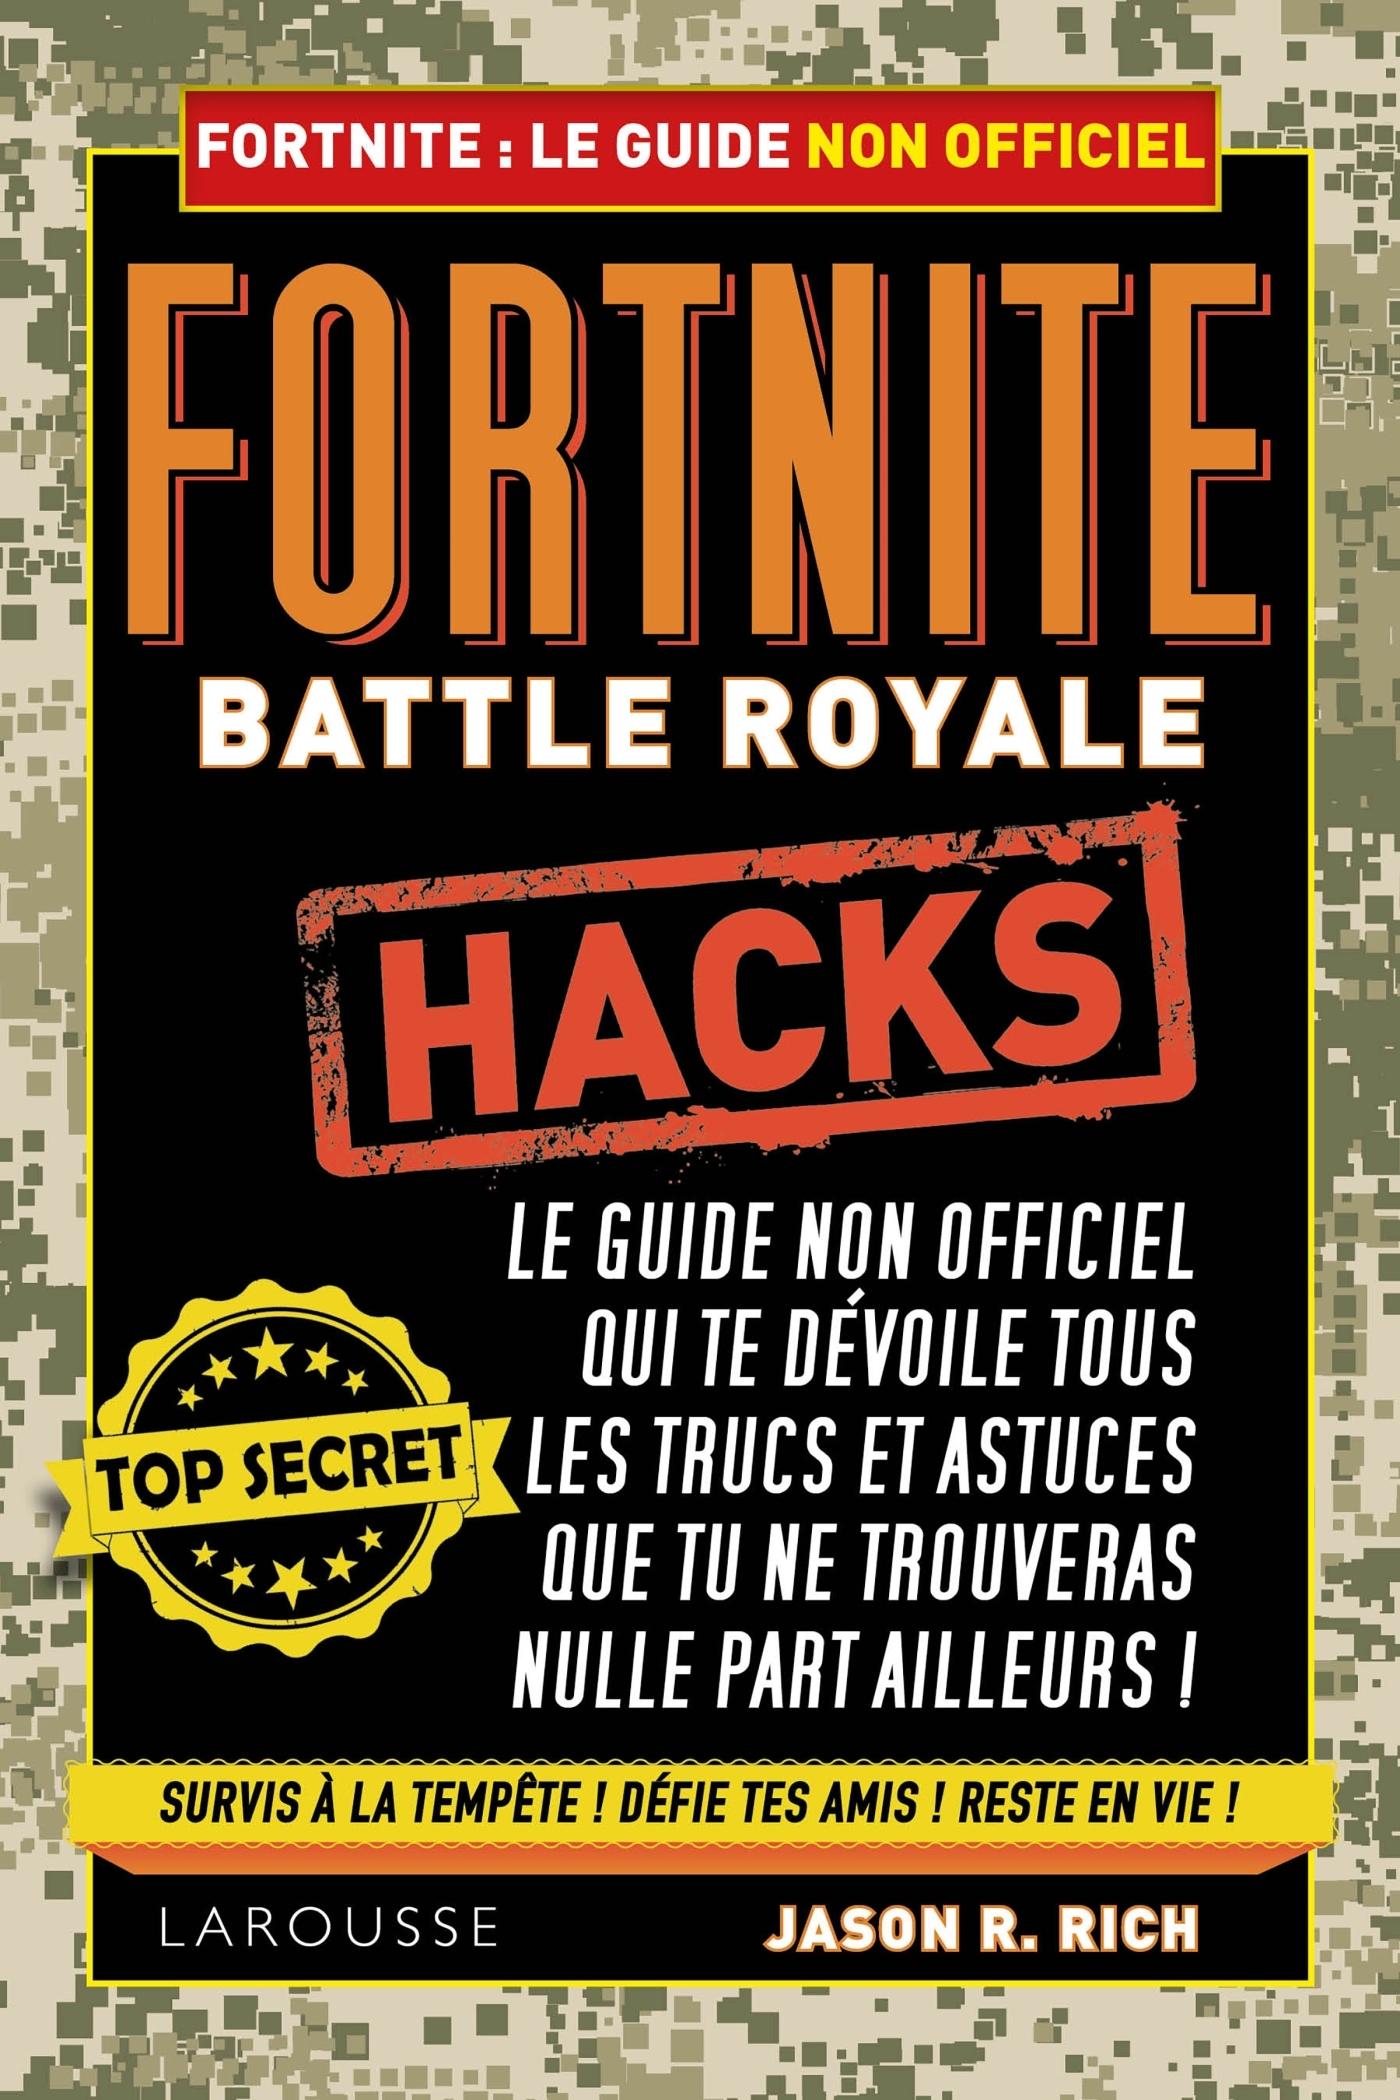 Trucs et astuces pour Fortnite : Battle Royale : guide non officiel du joueur